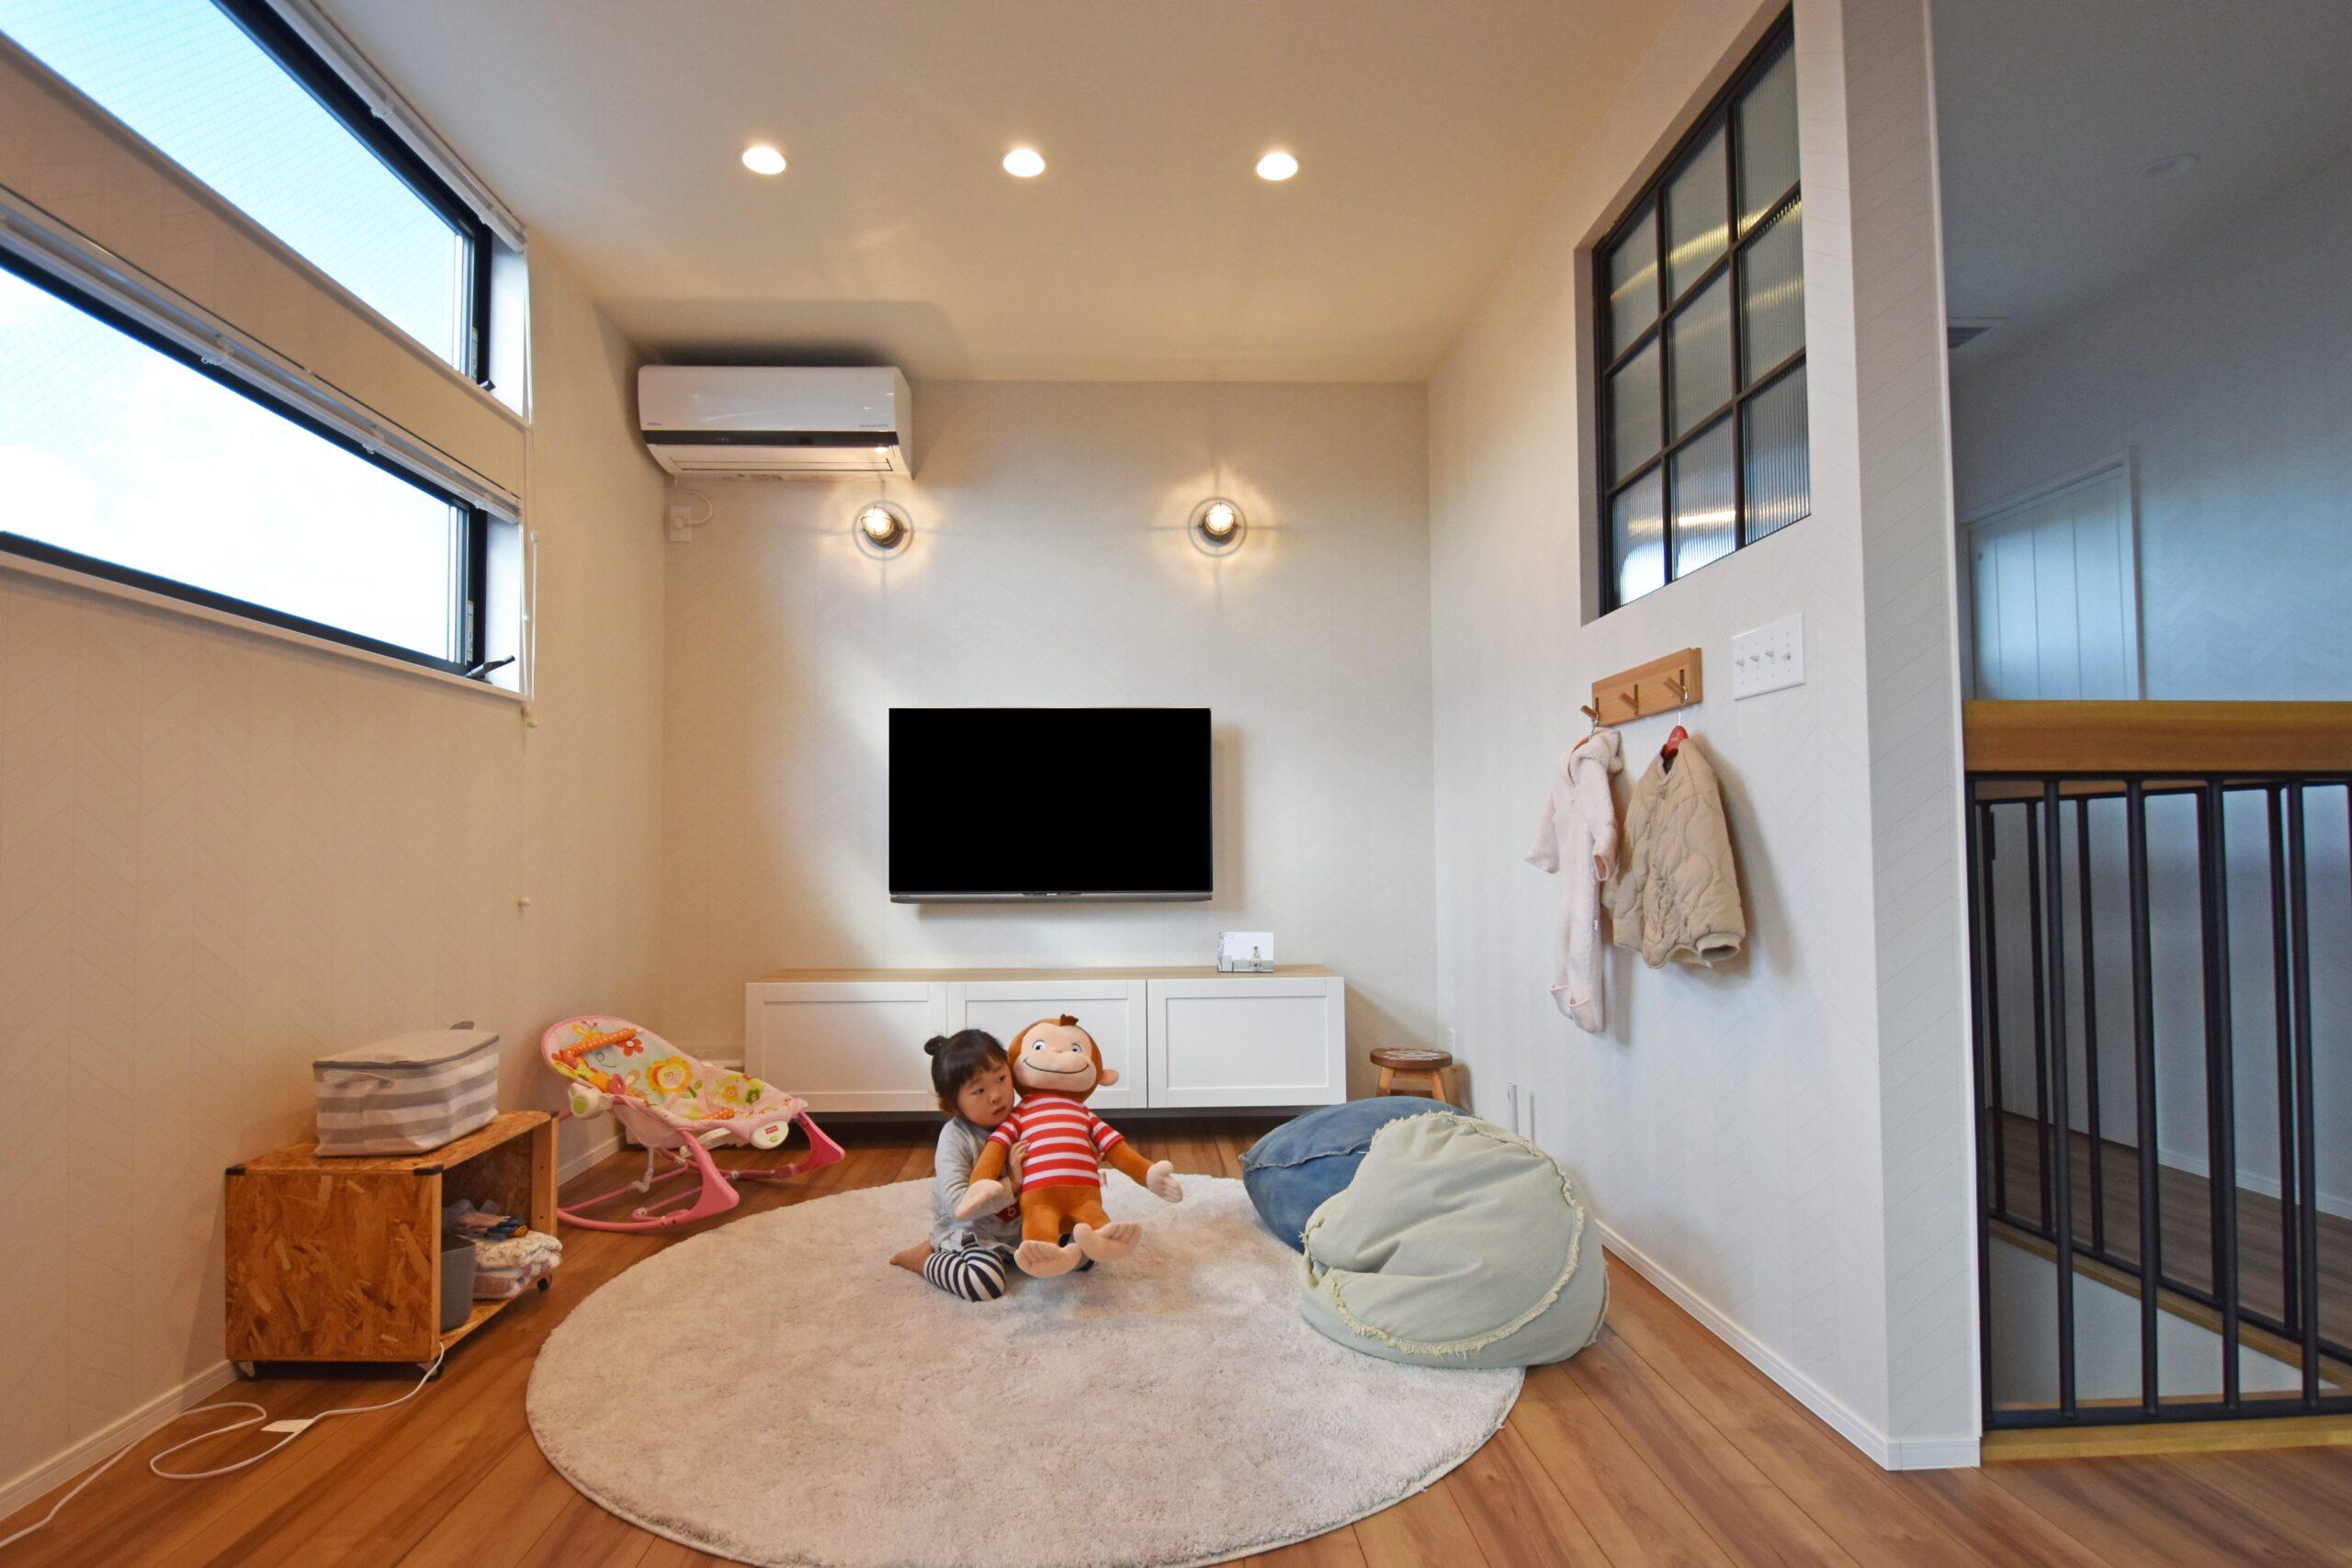 リビングスペースの窓を高い位置に設置し、プライバシーを確保。反対側に室内窓を設けているため開放感のある空間に。